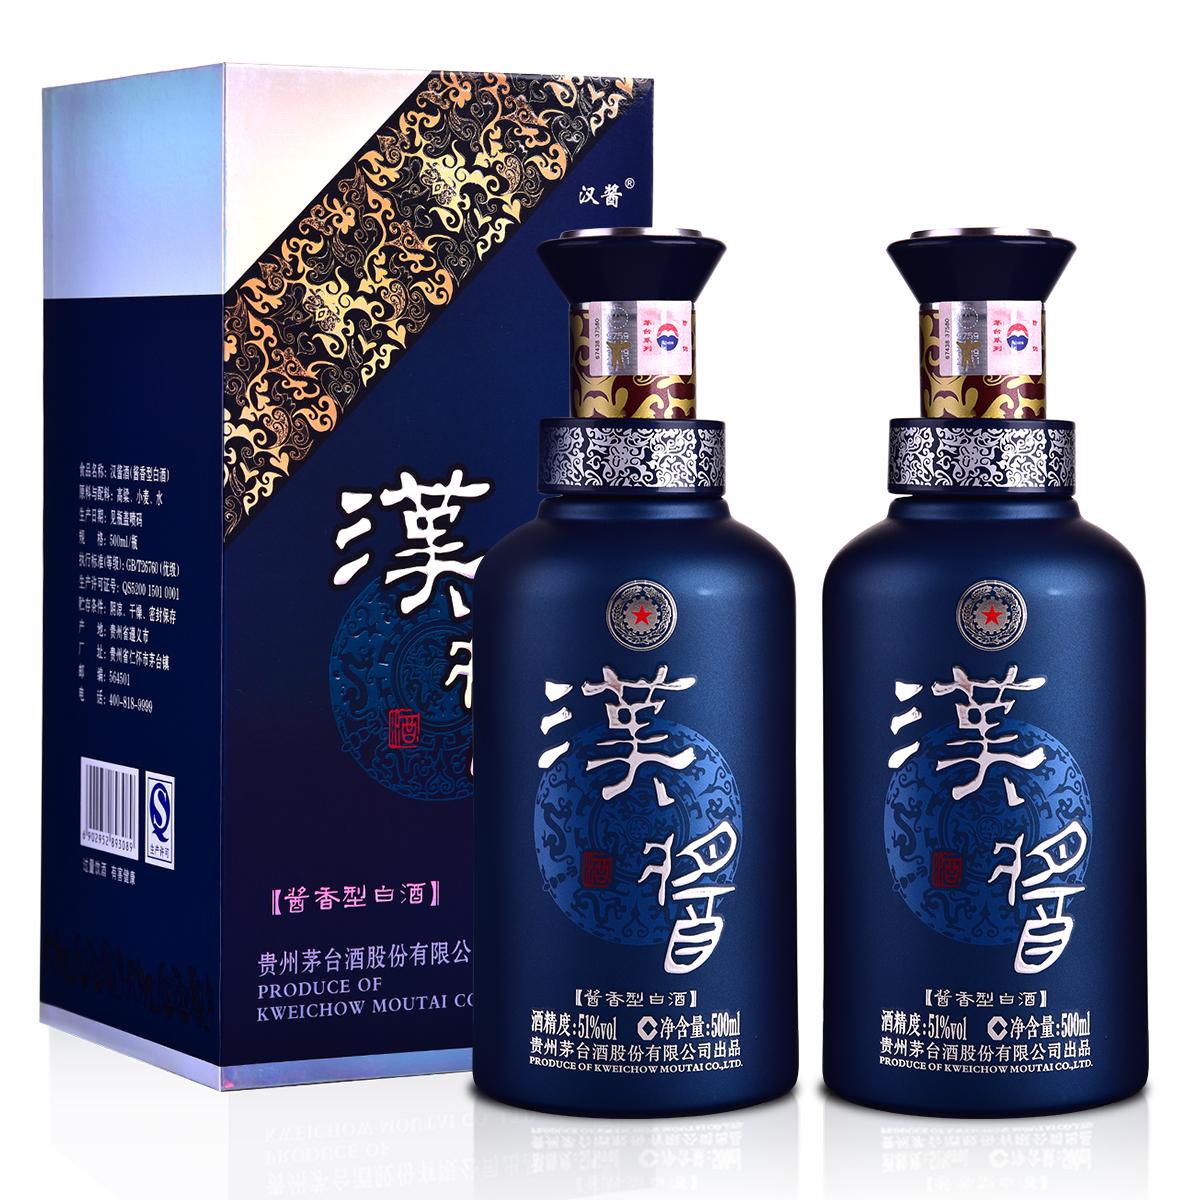 51°茅台汉酱铂金蓝500ml(双瓶装)